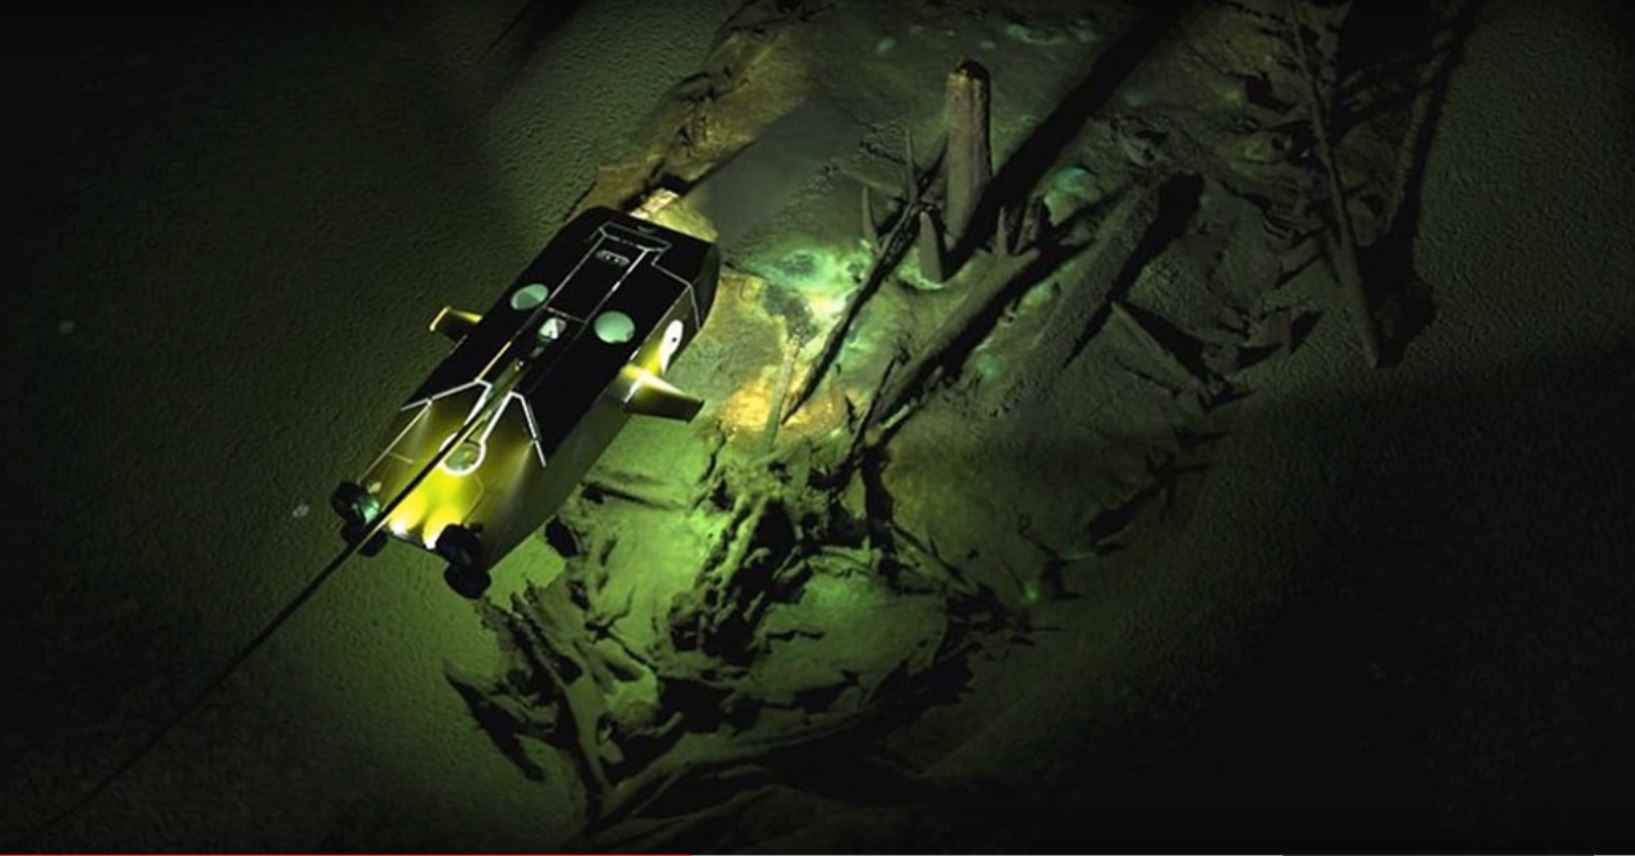 Dutzende Schiffswracks im Schwarzen Meer entdeckt – Grundlage der modernen Schifffahrt gefunden